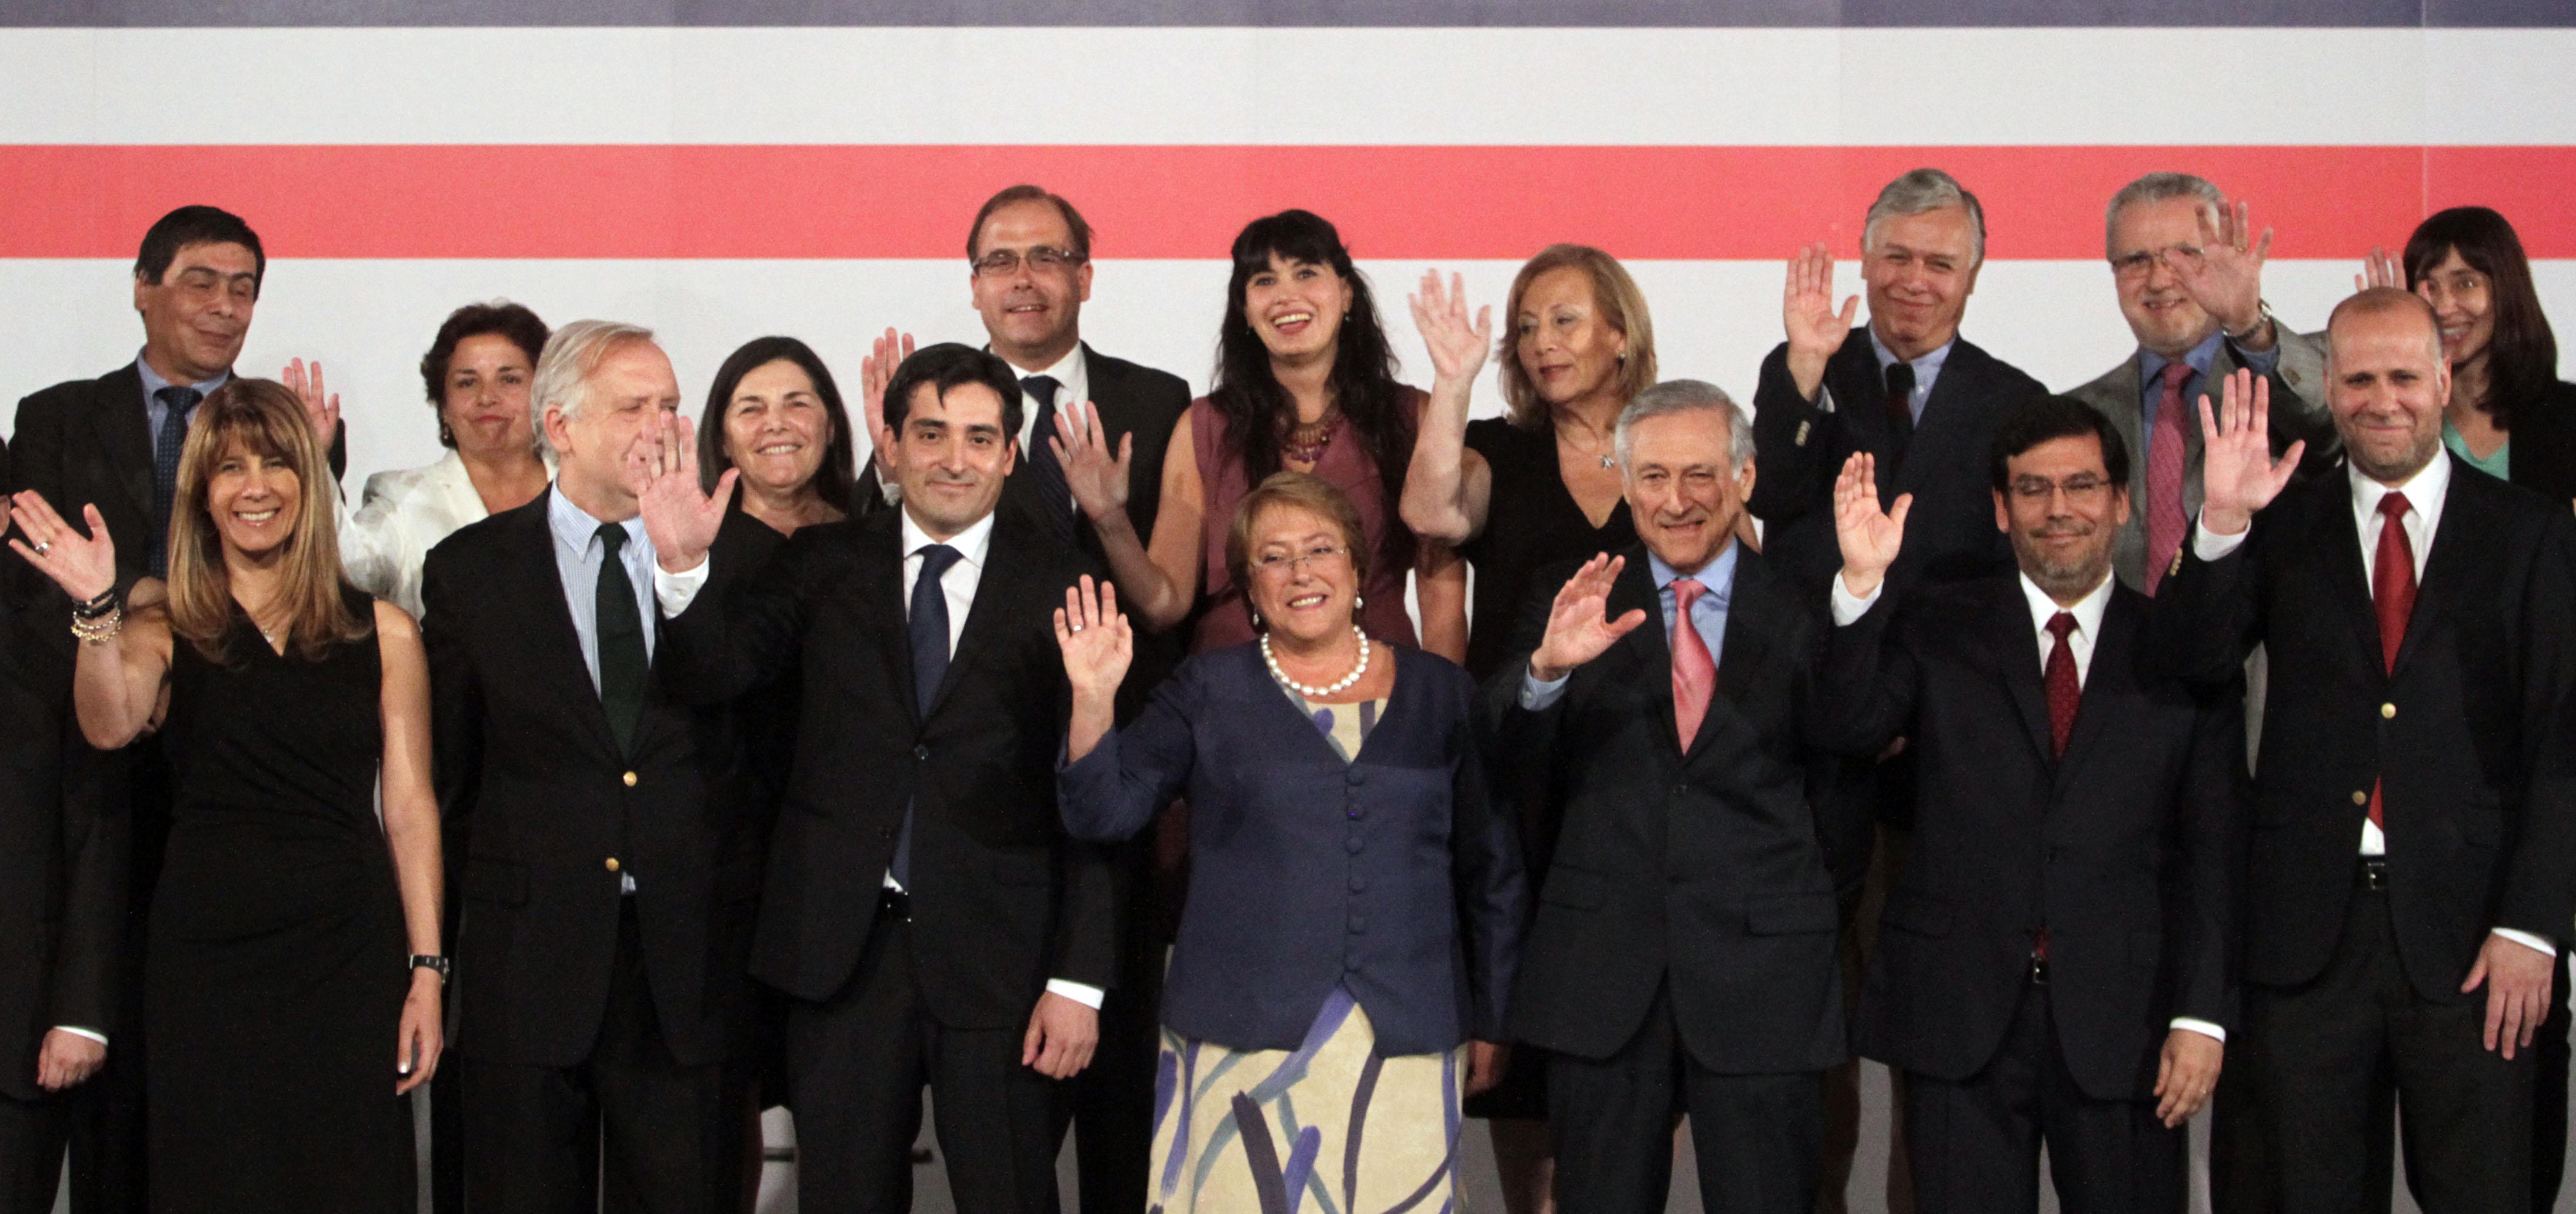 24 de ENERO de 2014/SANTIAGO  La presidenta electa, Michelle Bachelet, presentó a los miembros de nuevo gabinete que asumirá el próximo 11 de marzo.  FOTO: RODRIGO SÁENZ